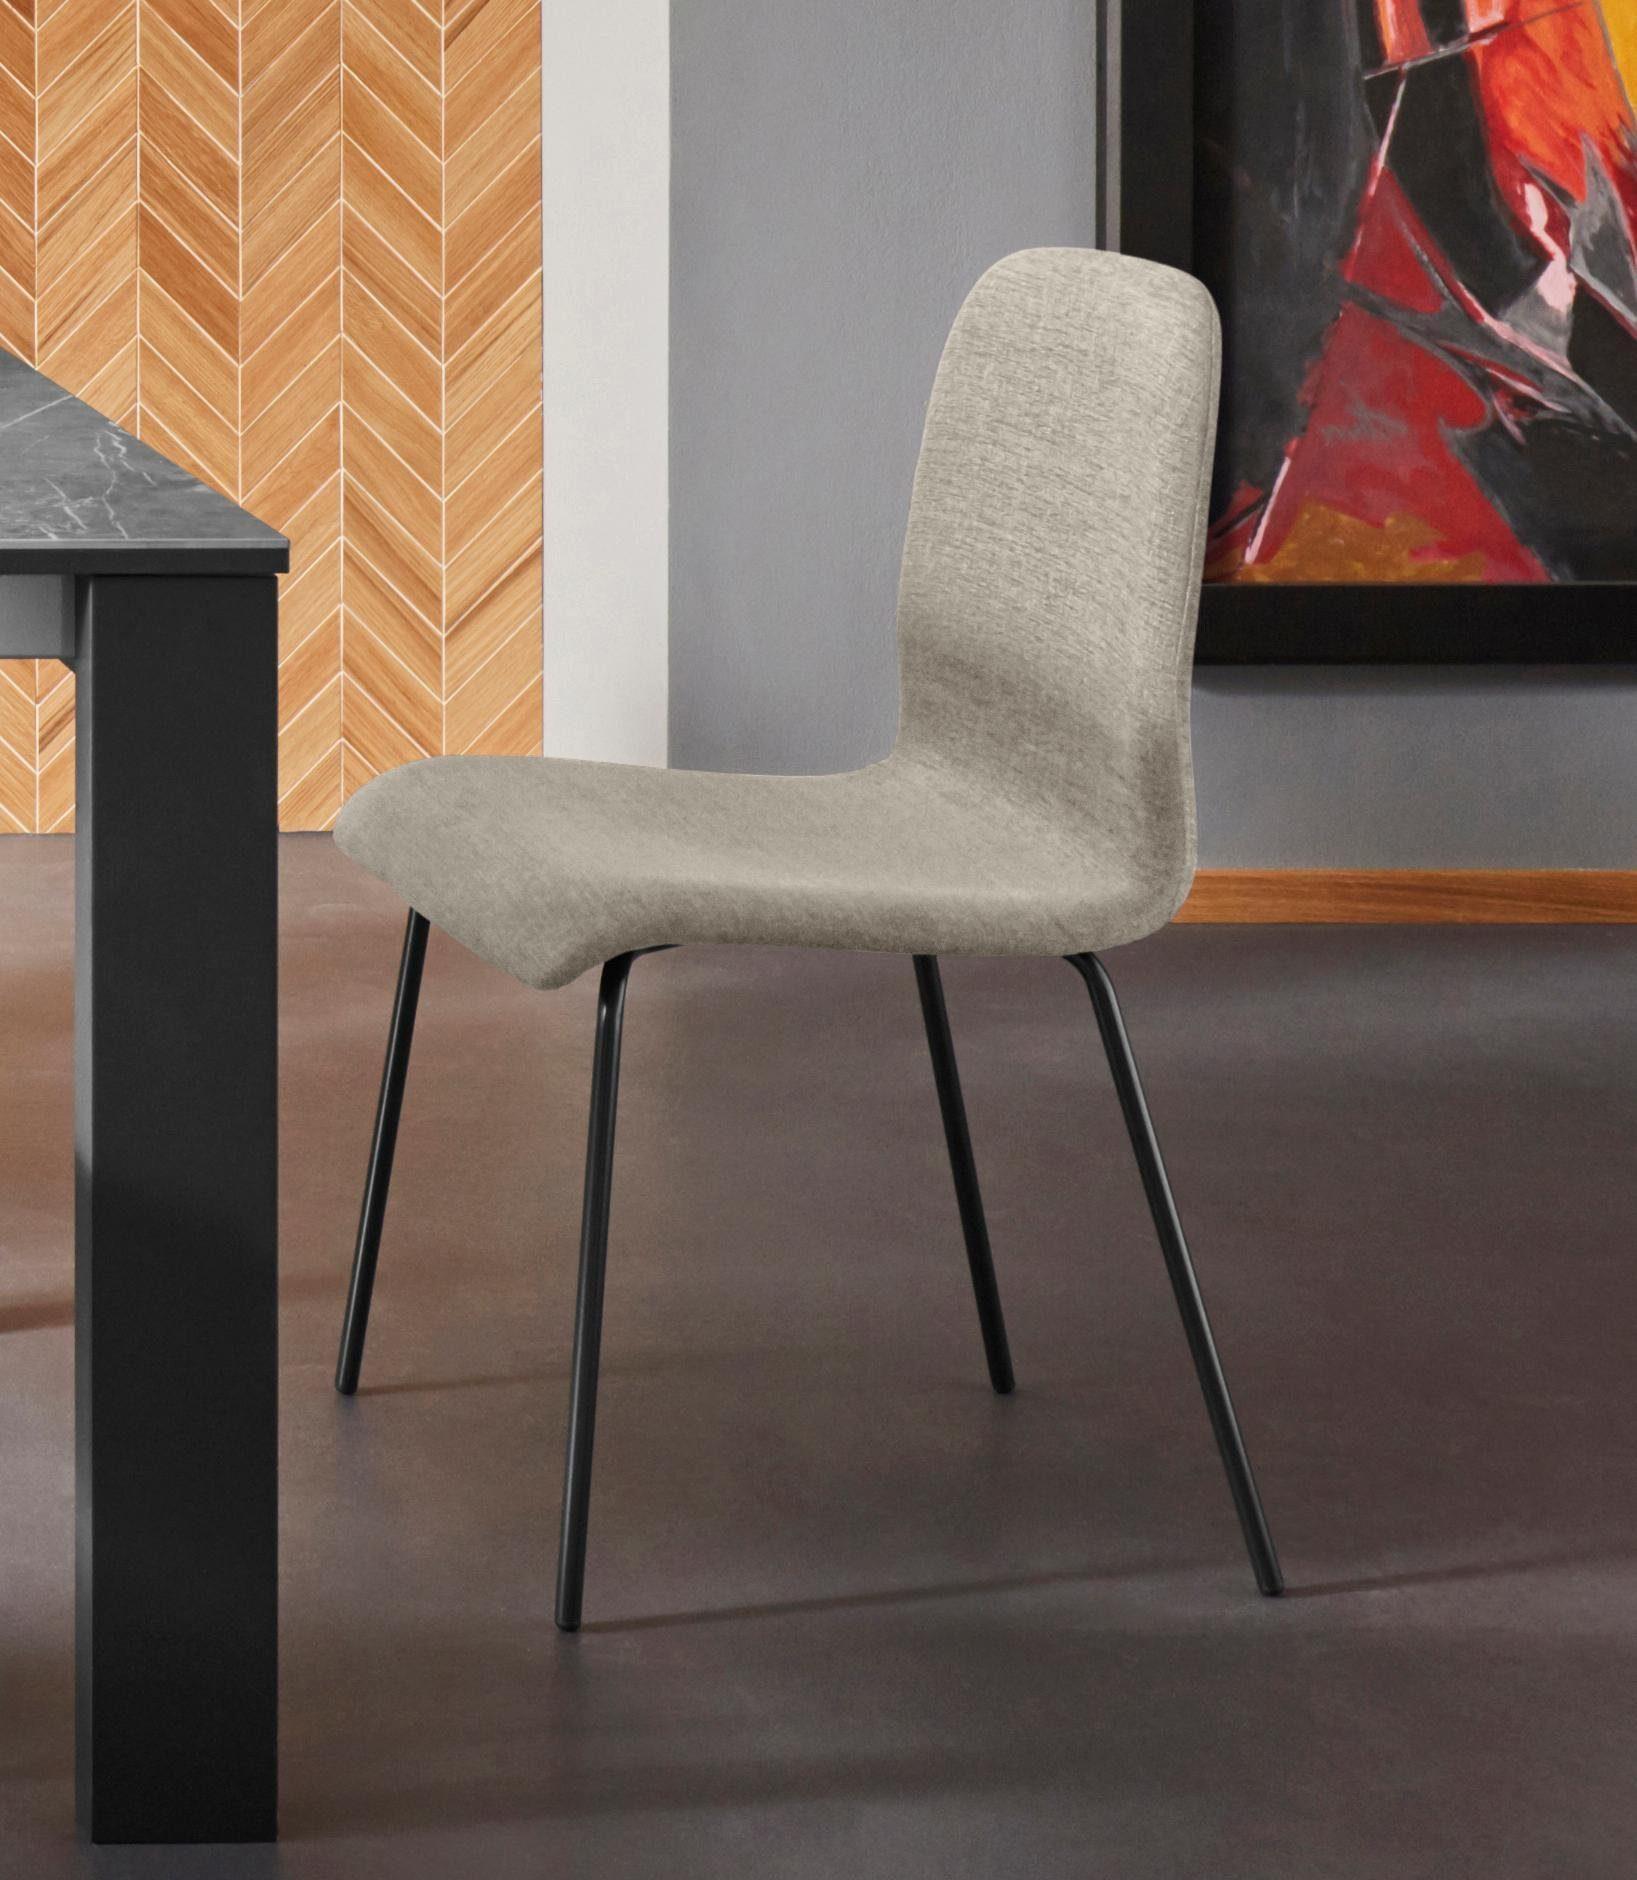 Places of Style Stuhl »Ciao« 2er Set, in zwei verschiedenen Bezugsqualitäten, mit schwarzen Metallbeinen, Sitzhöhe 46 cm online kaufen | OTTO